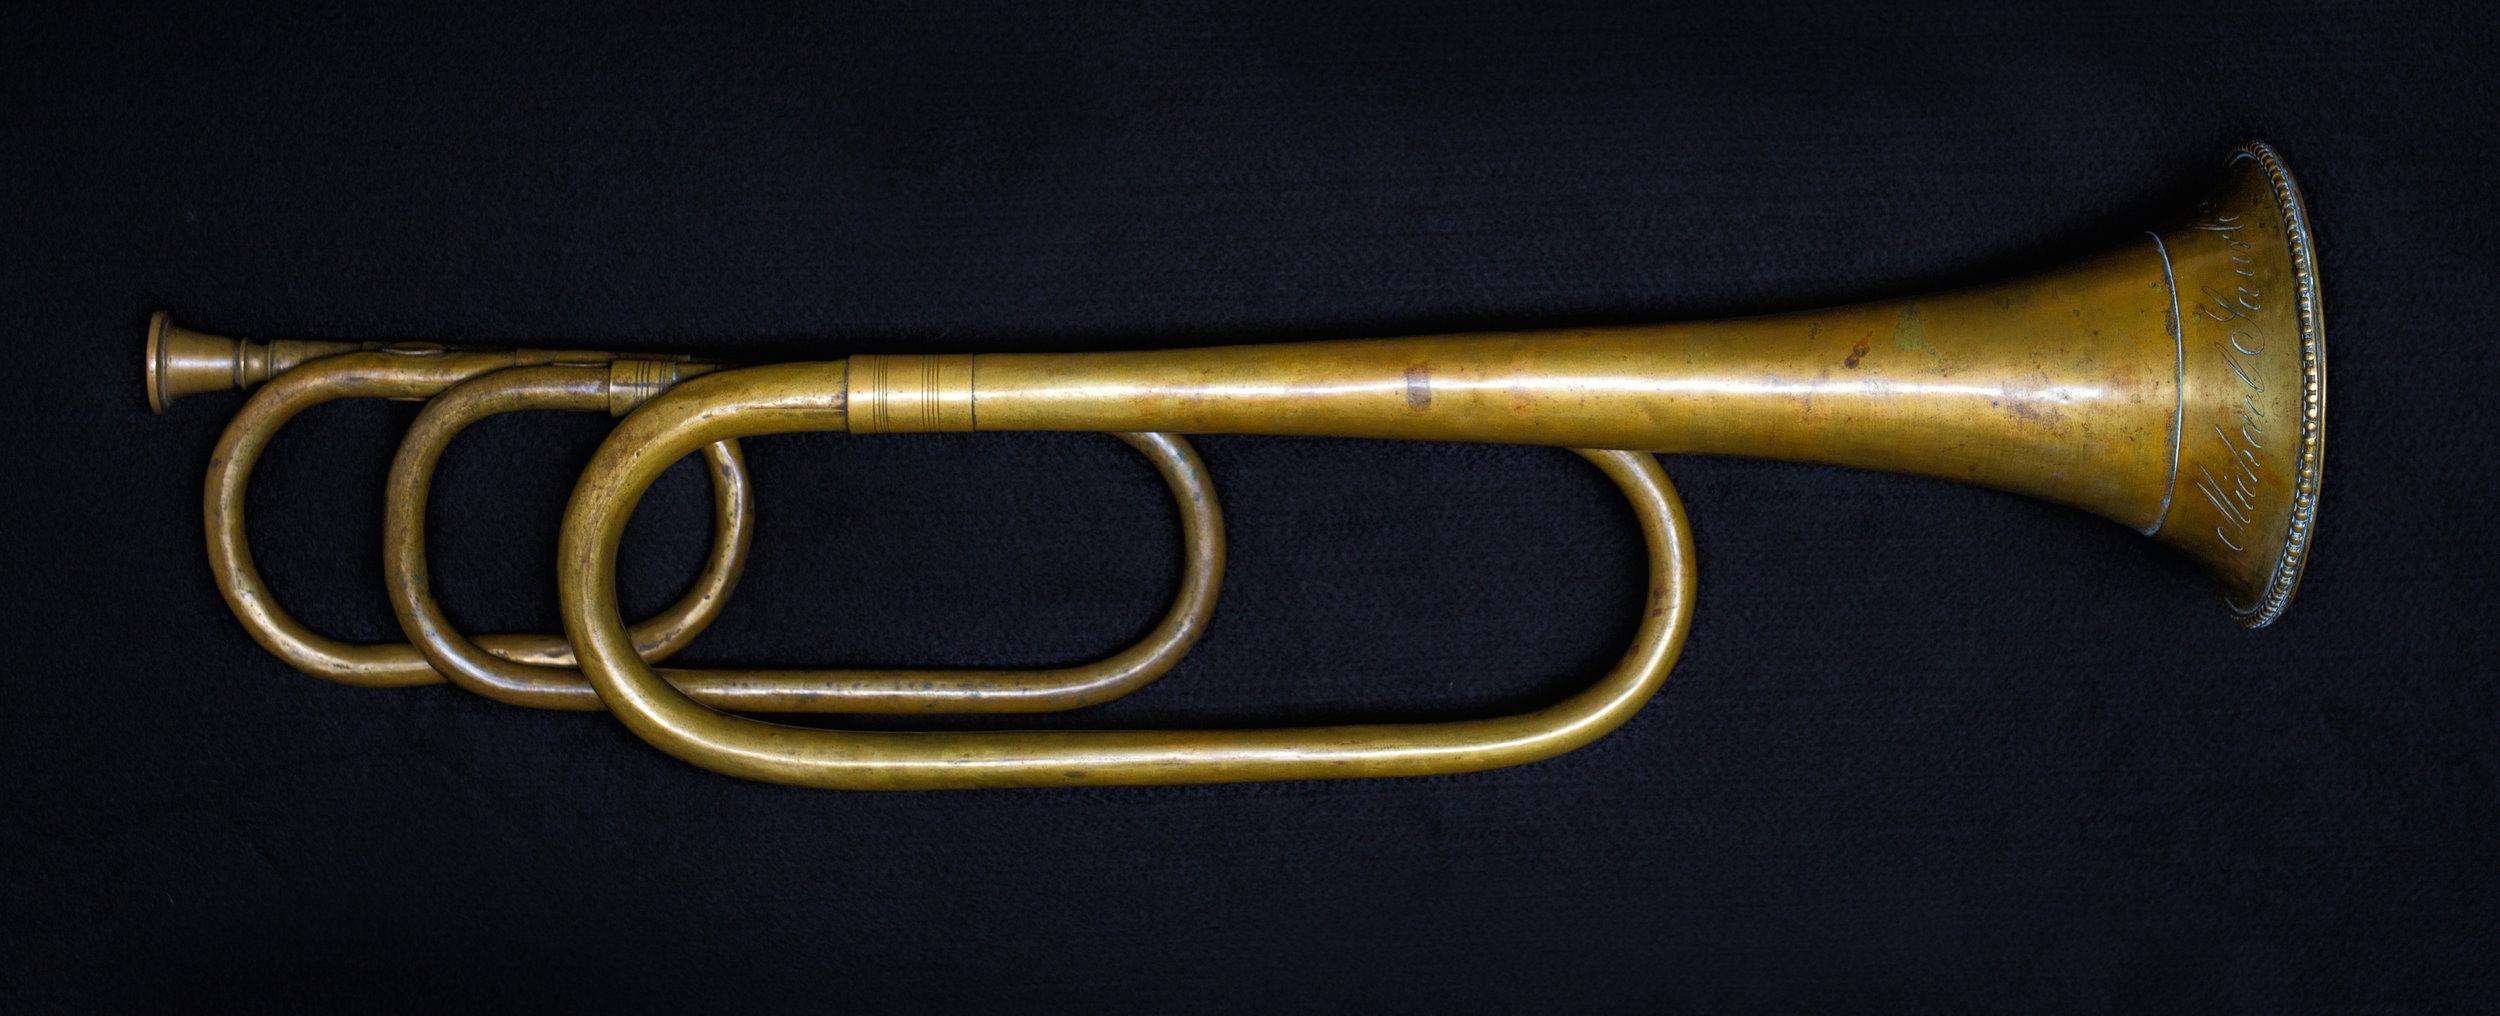 Natural trumpet by Michael Saurle, Munich, c. 1810